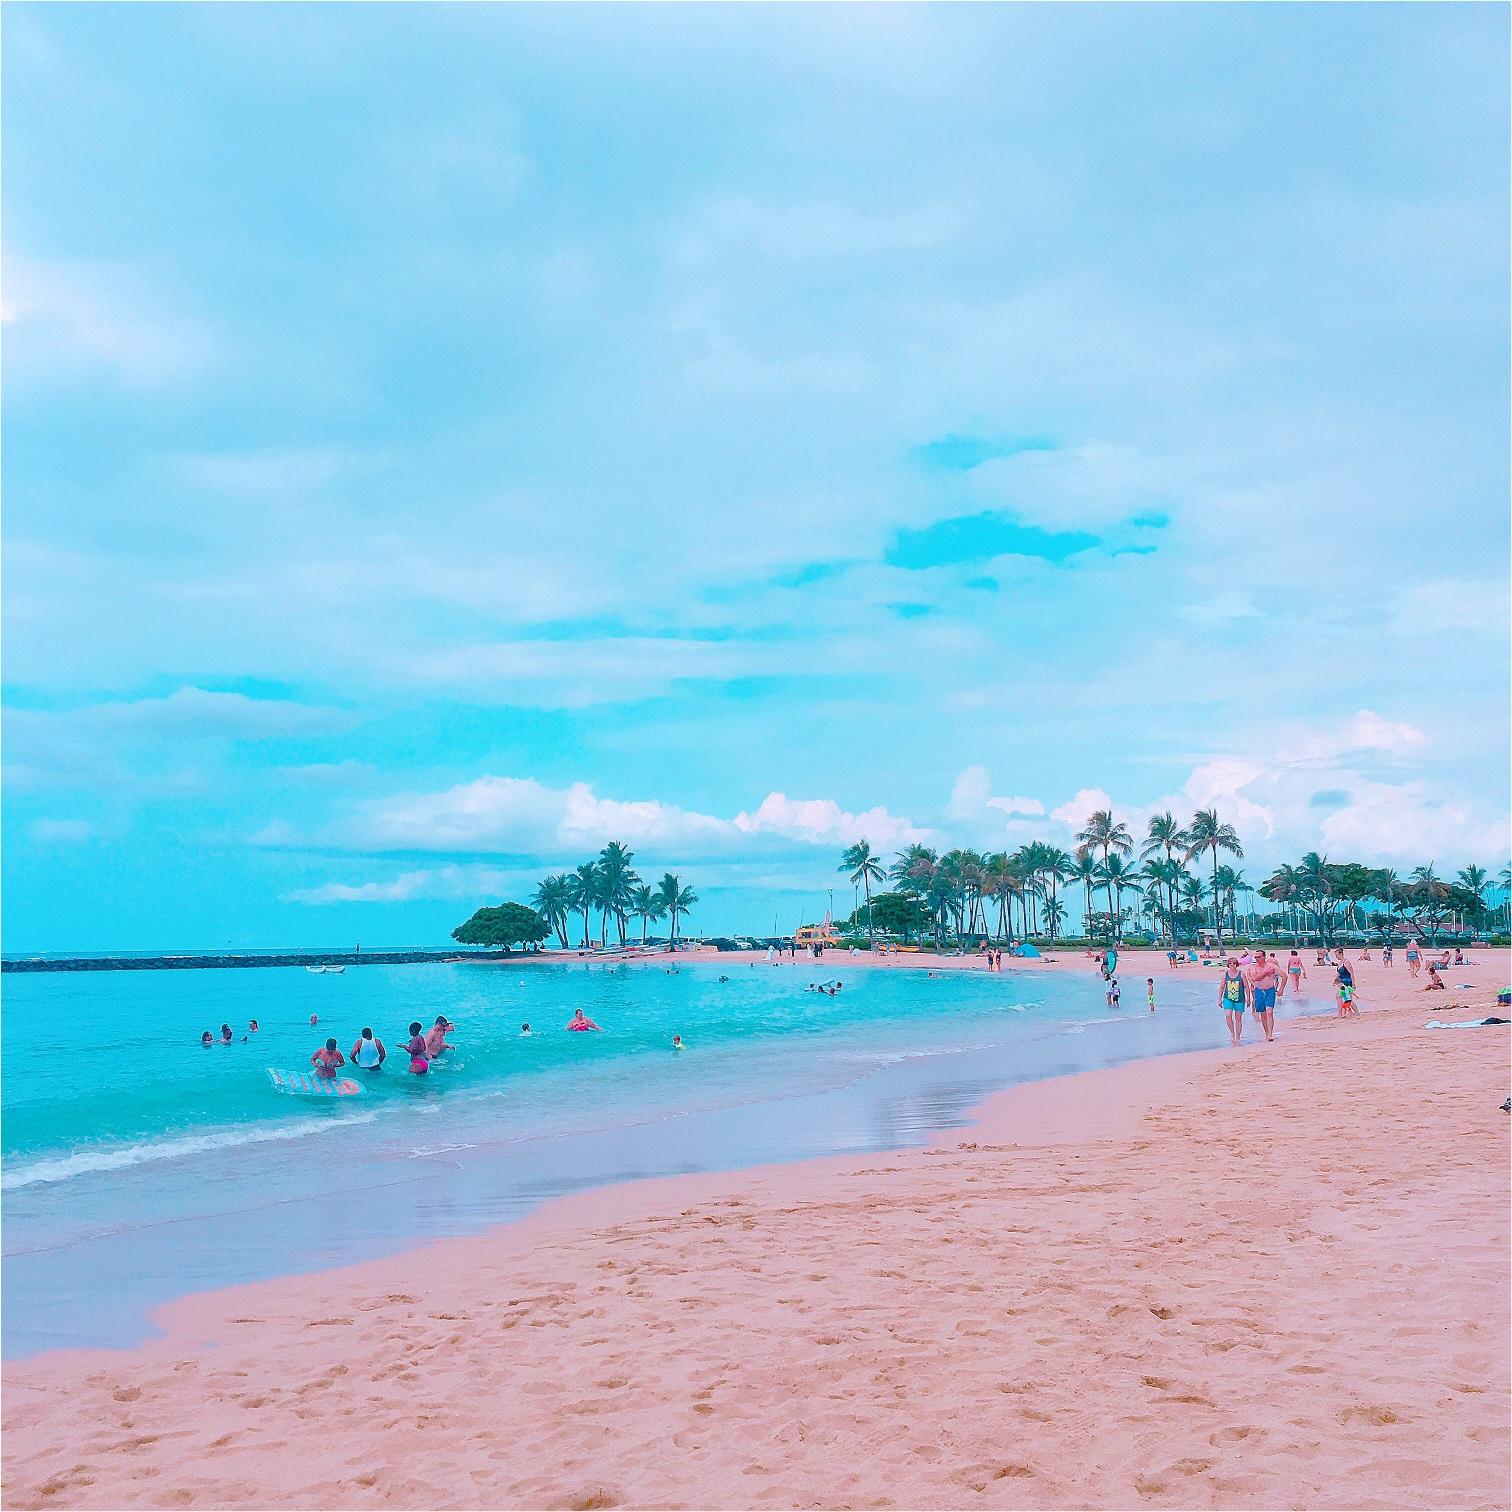 ハワイ女子旅特集 - 人気のカフェやグルメ、インスタ映えスポット、ディズニーなど旅する女子のおすすめまとめ_120